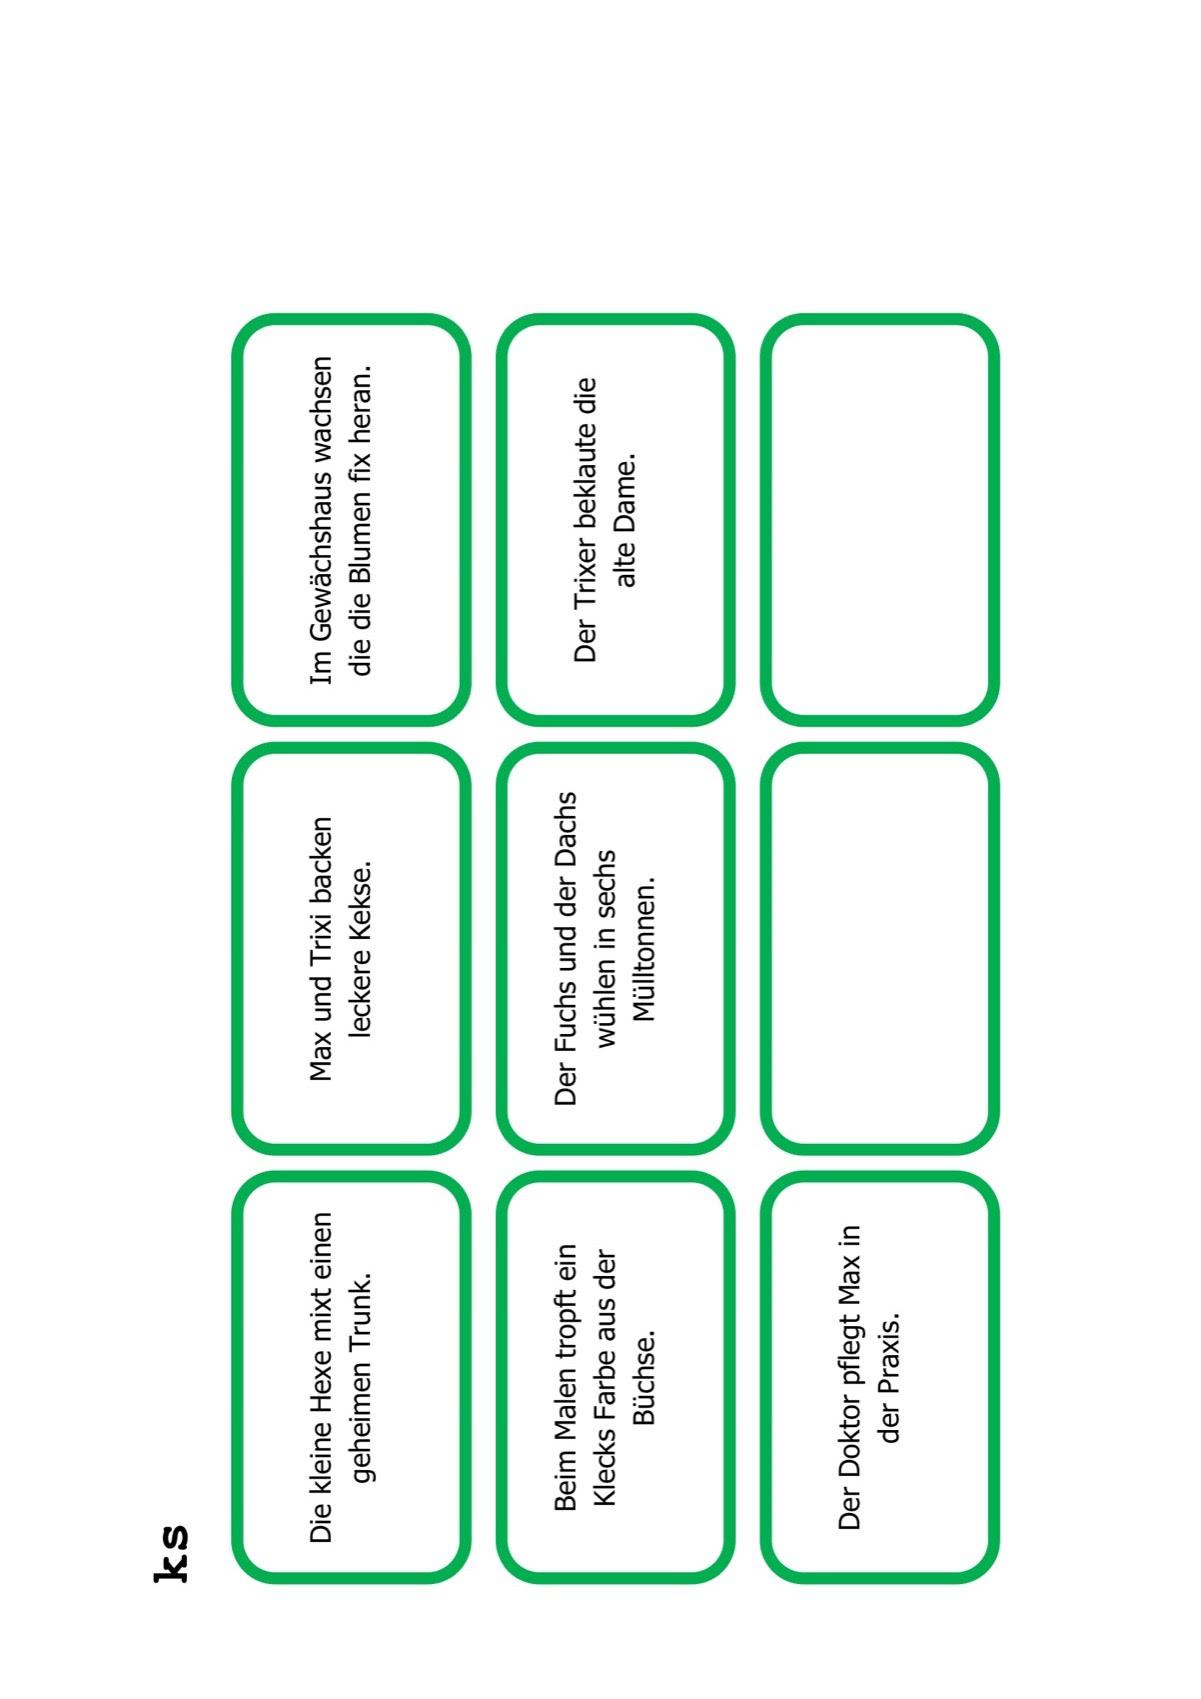 Sammlungen mit Arbeitsblatt zum Schetismus - Dyslalie, LRS - madoo.net